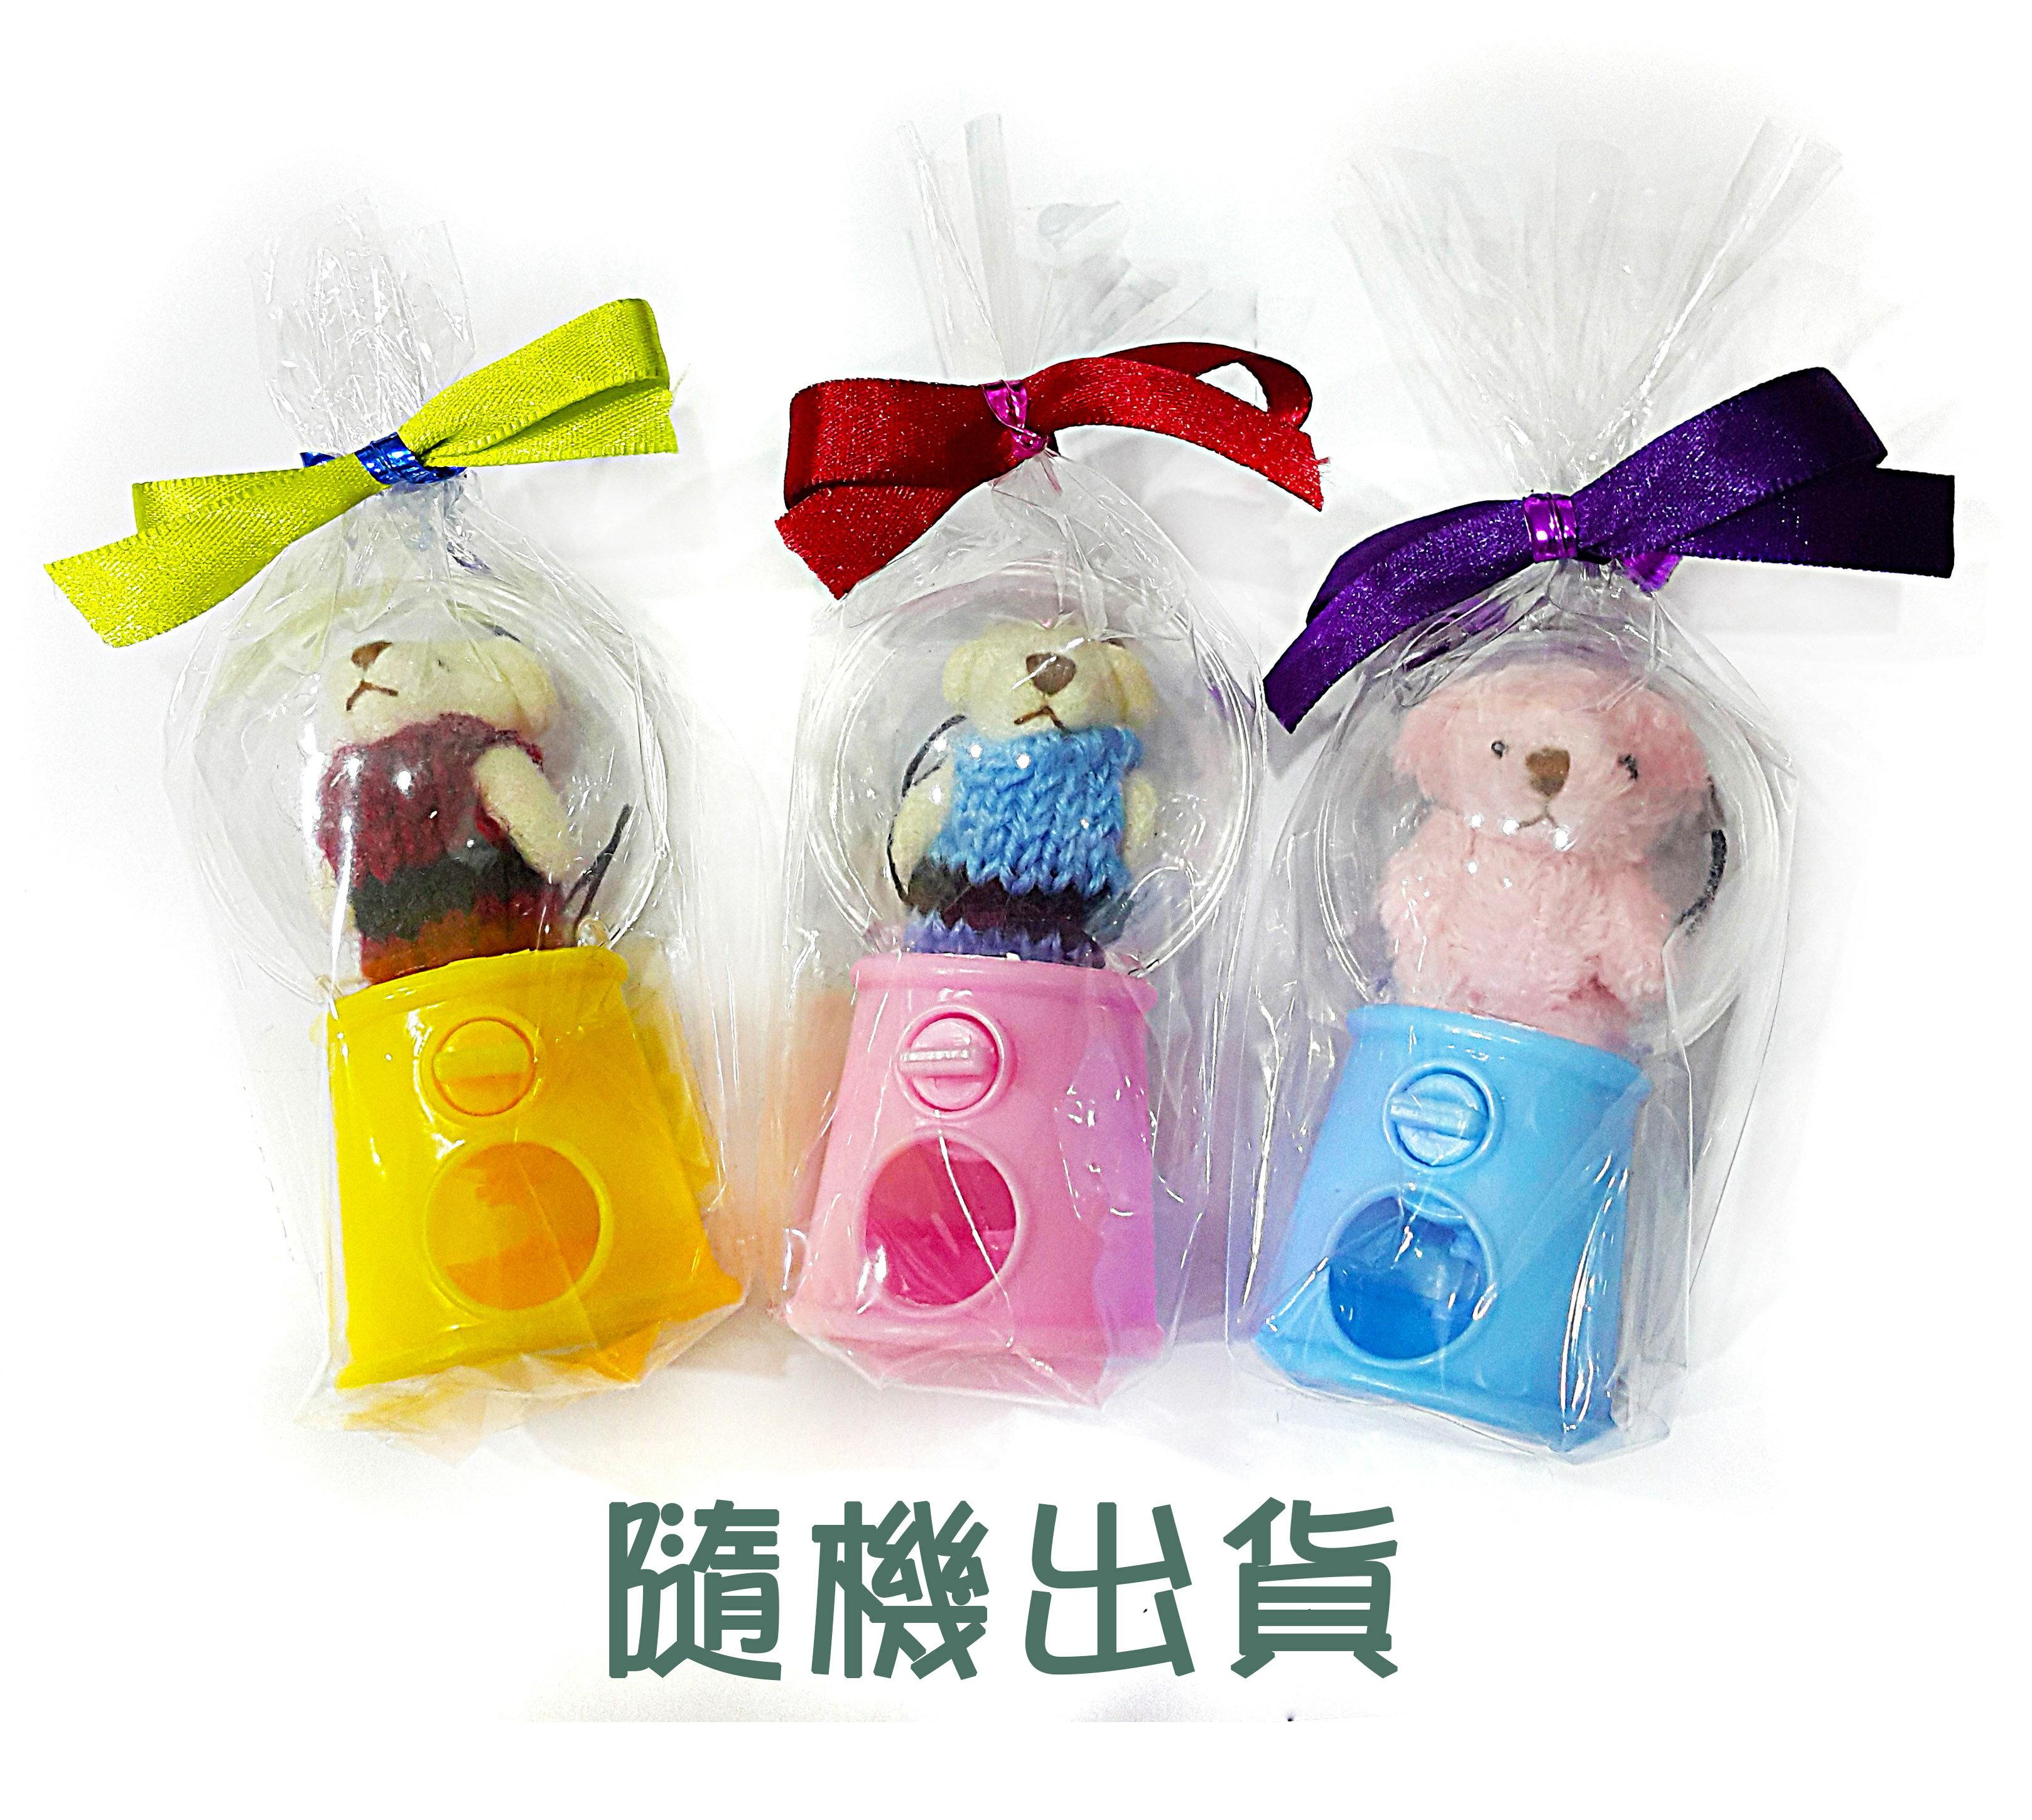 X射線【Y040002】迷你扭蛋機 娃娃組(不挑色),糖果襪/糖果罐/聖誕節/交換禮物/婚禮小物/兒童節/禮物/